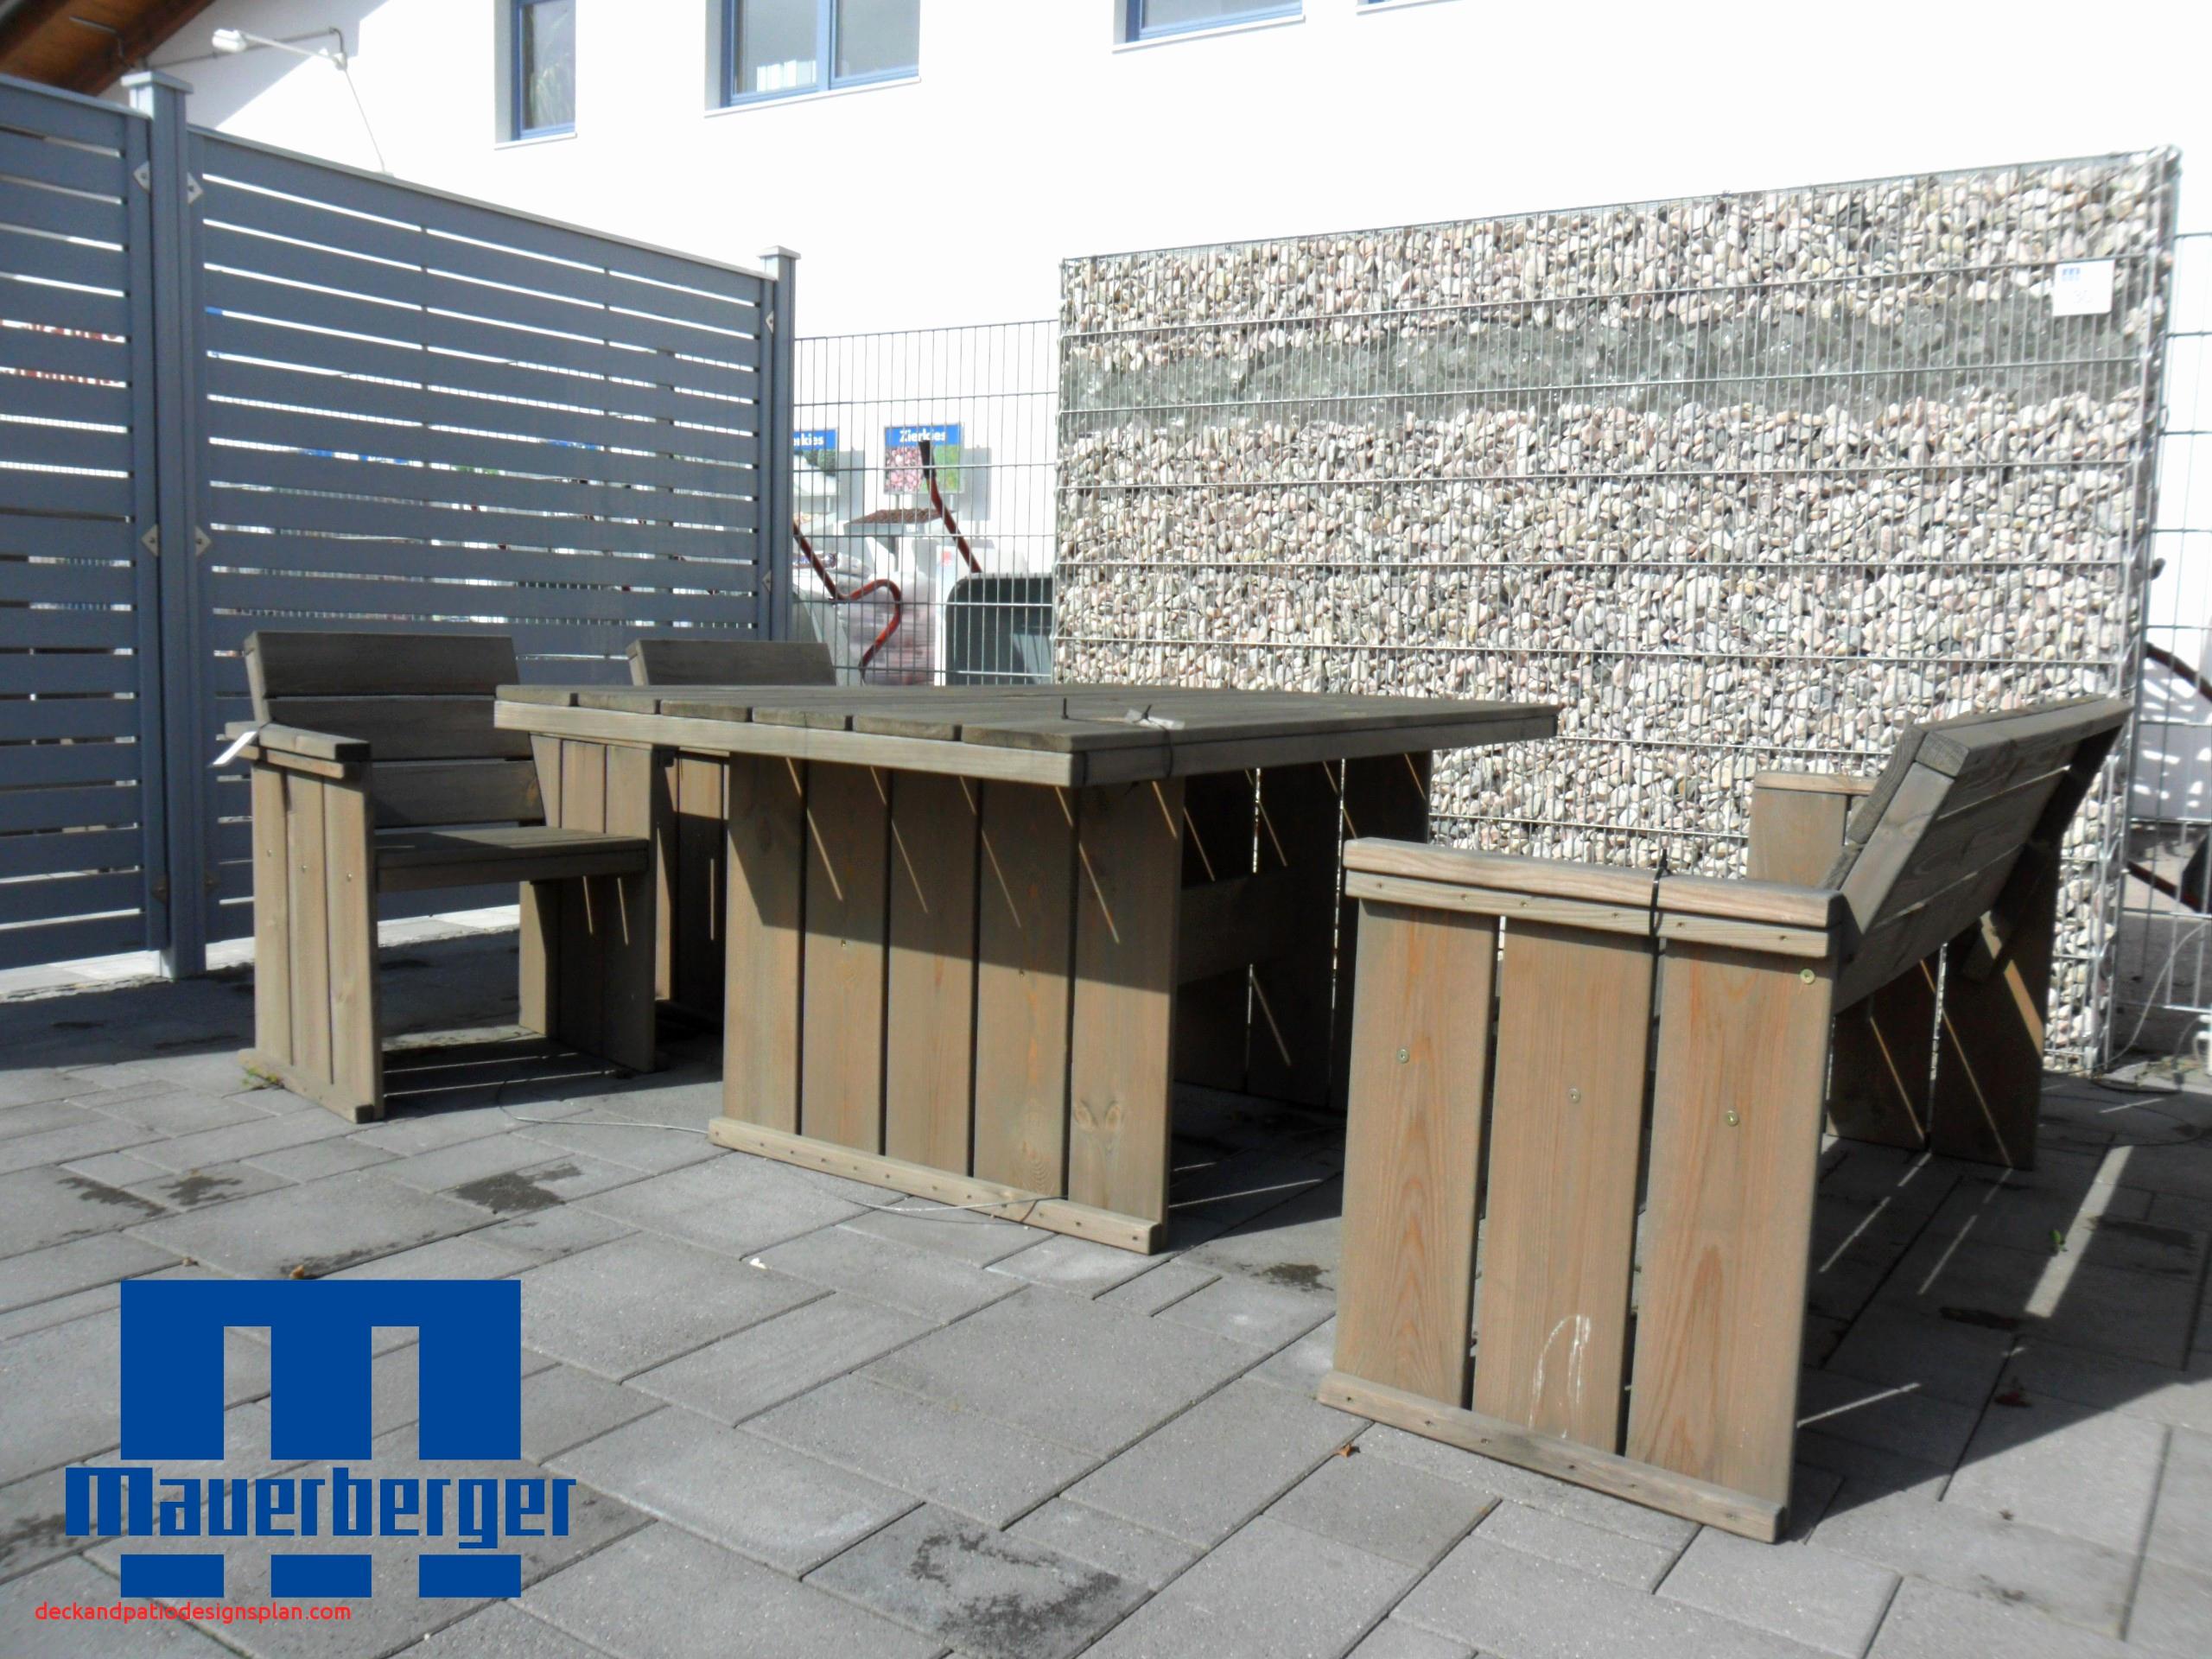 Full Size of Liegestuhl Klappbar Ikea Holz 28 Best Fotografie Von Sonnenliege Alu Sofa Mit Schlaffunktion Küche Kosten Betten Bei Ausklappbares Bett Modulküche Miniküche Wohnzimmer Liegestuhl Klappbar Ikea